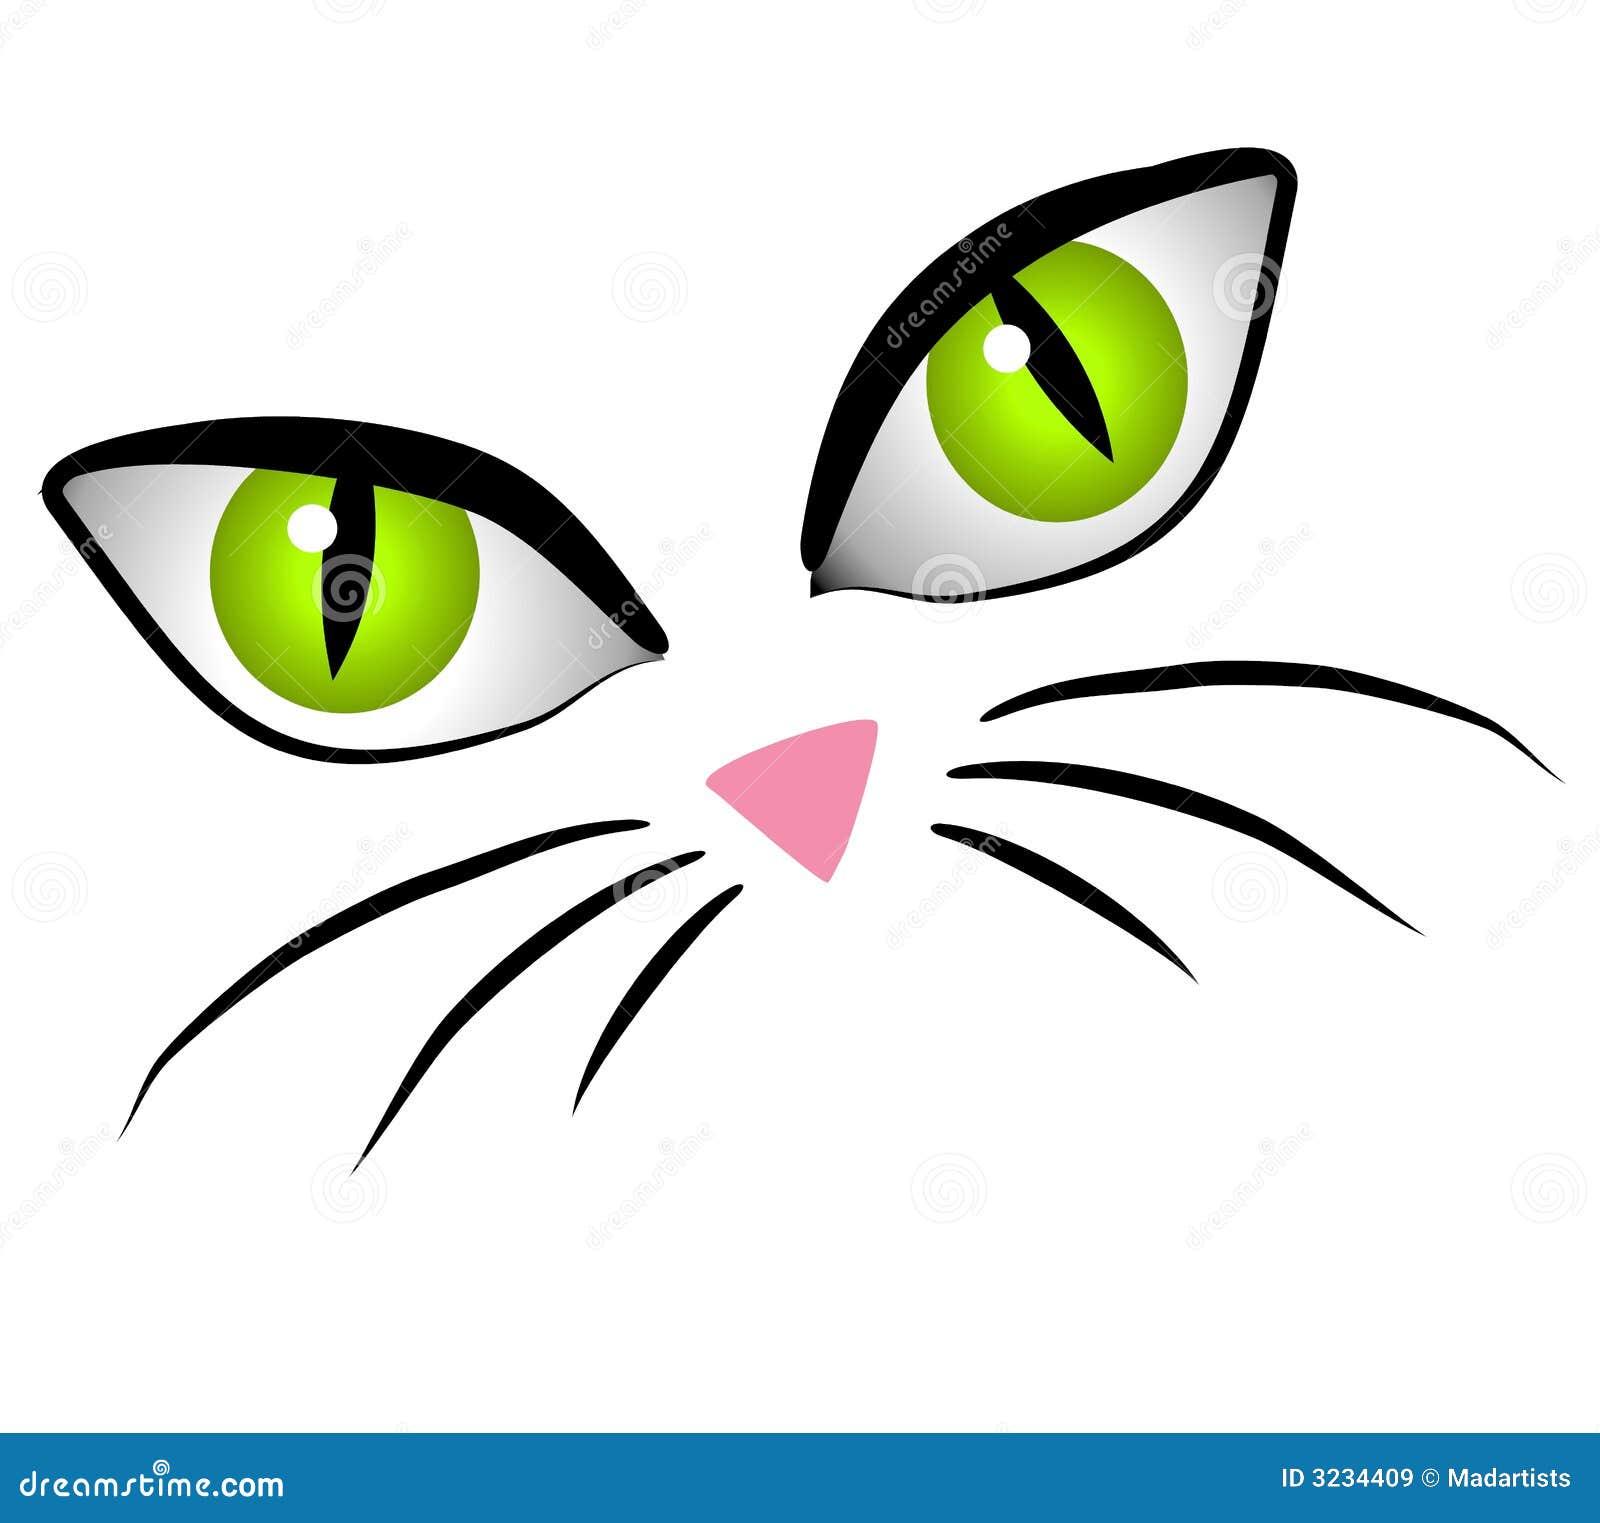 le visage de chat de dessin anim observe le clipart images graphiques images libres de droits. Black Bedroom Furniture Sets. Home Design Ideas